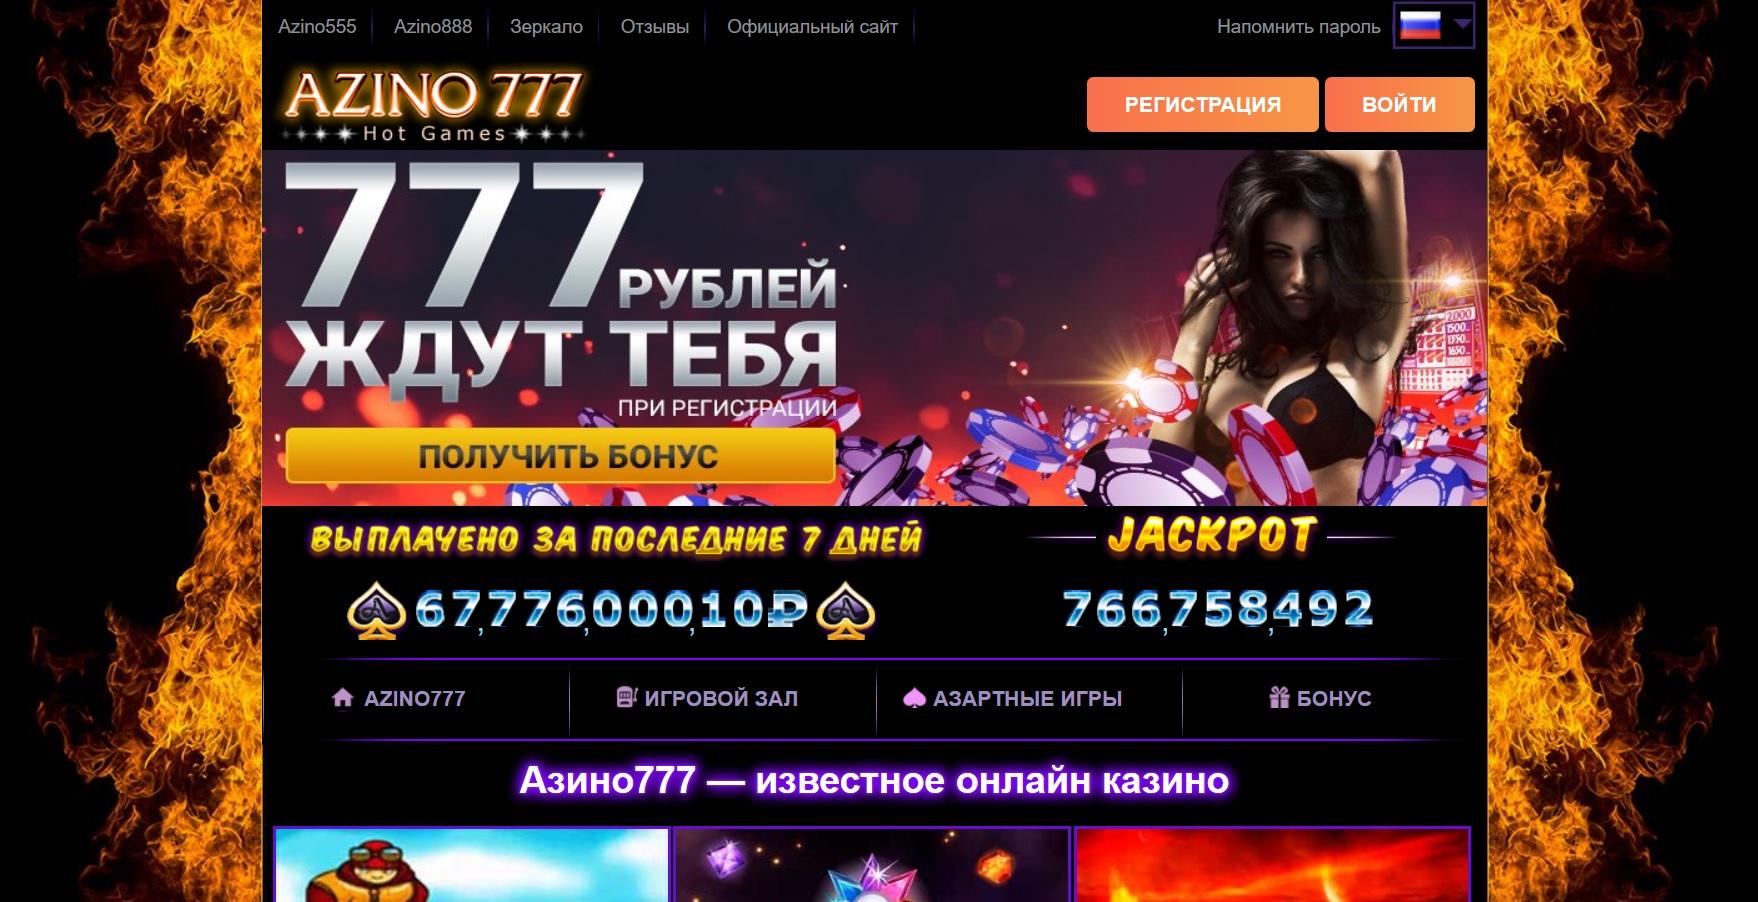 azino888 ru